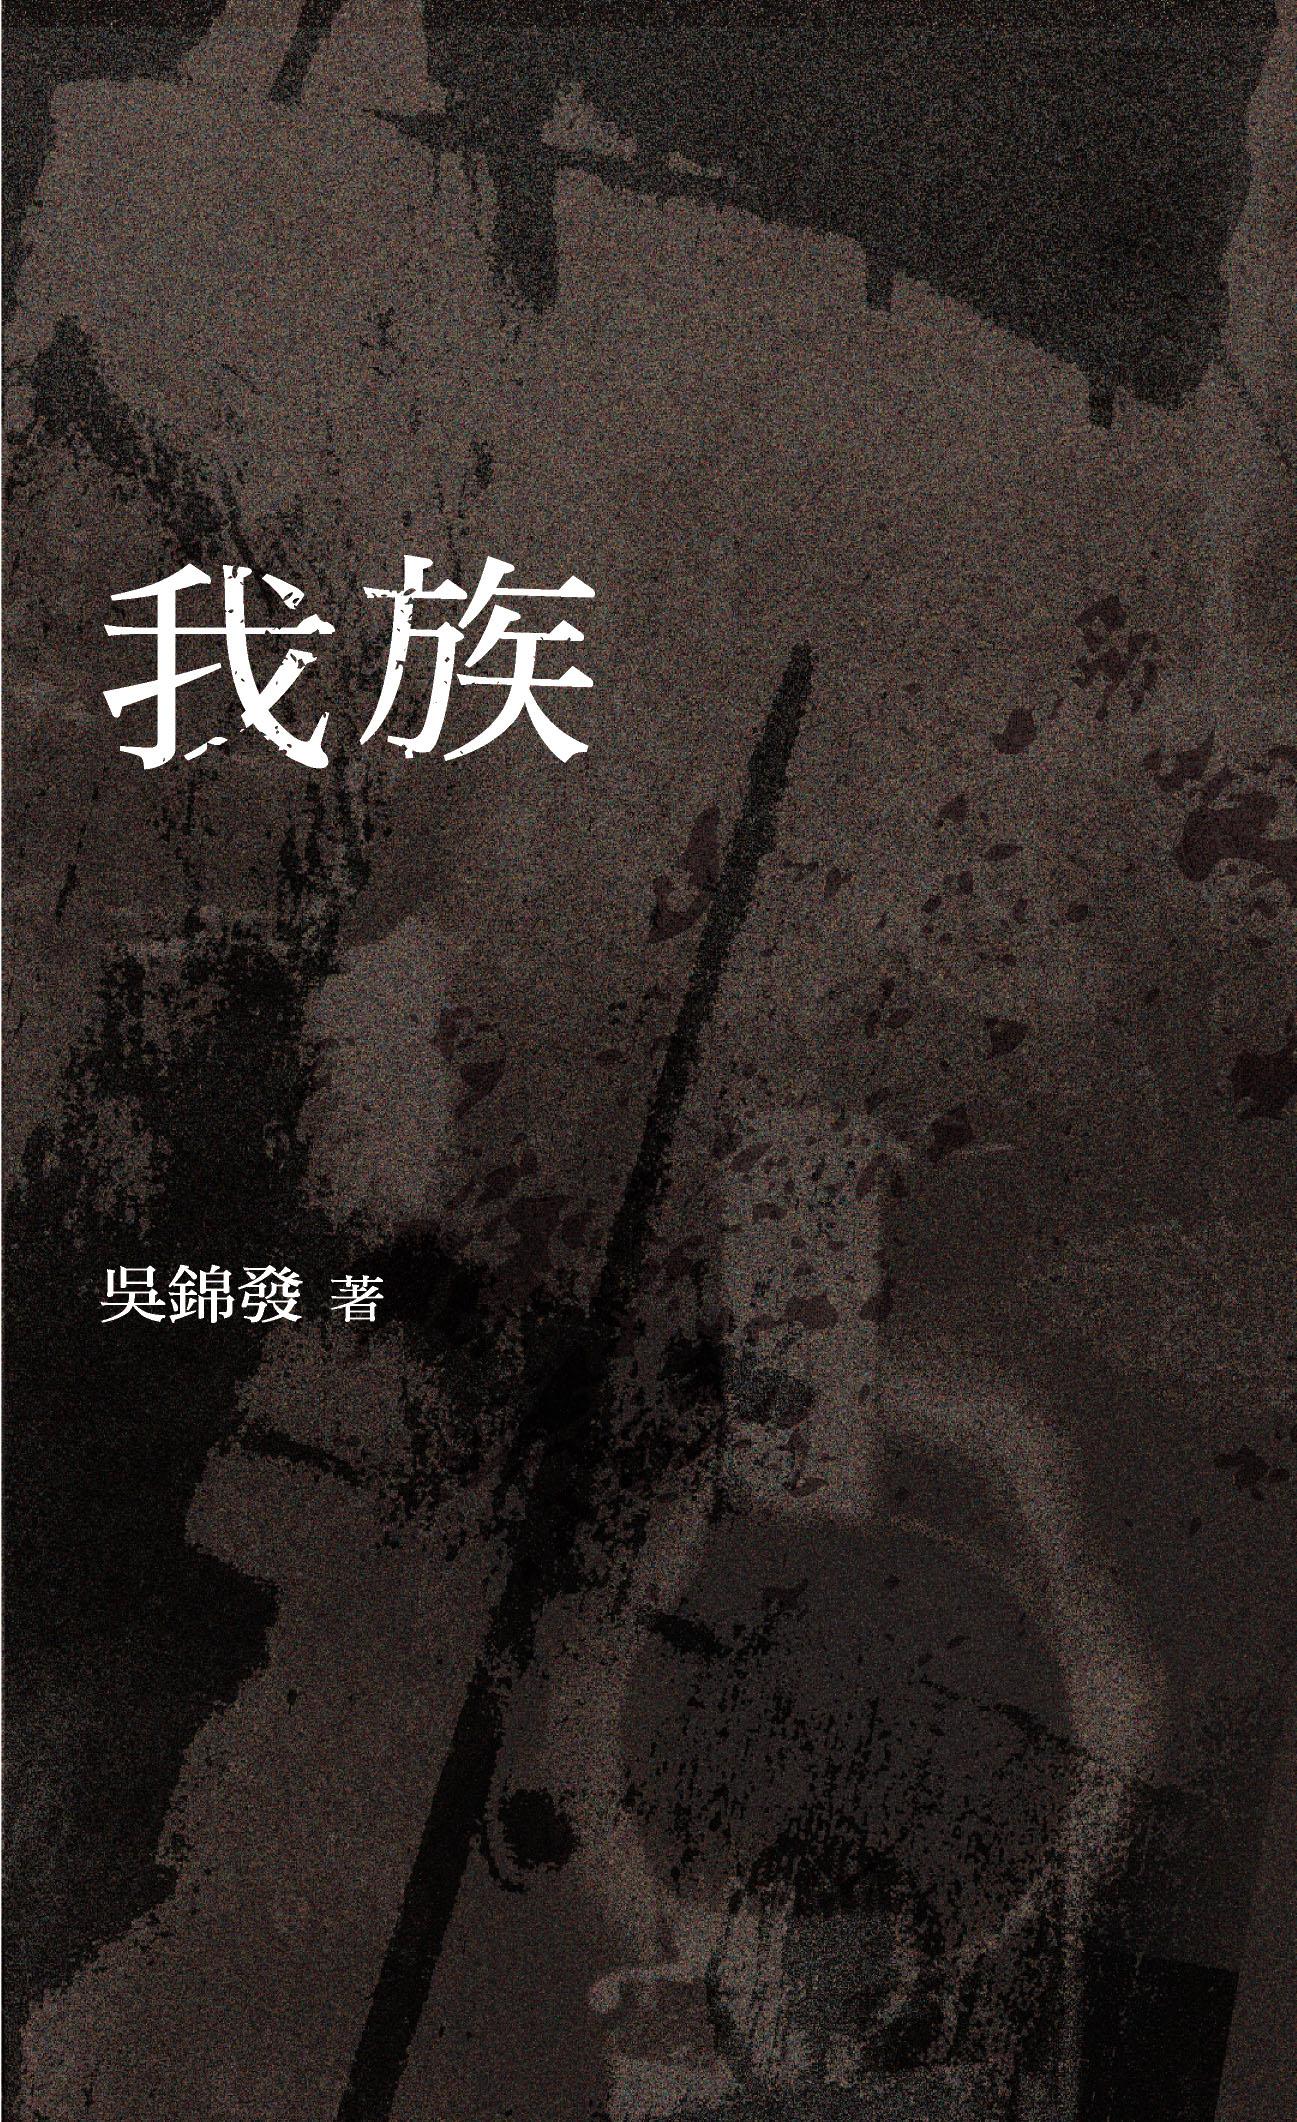 我族/吳錦發